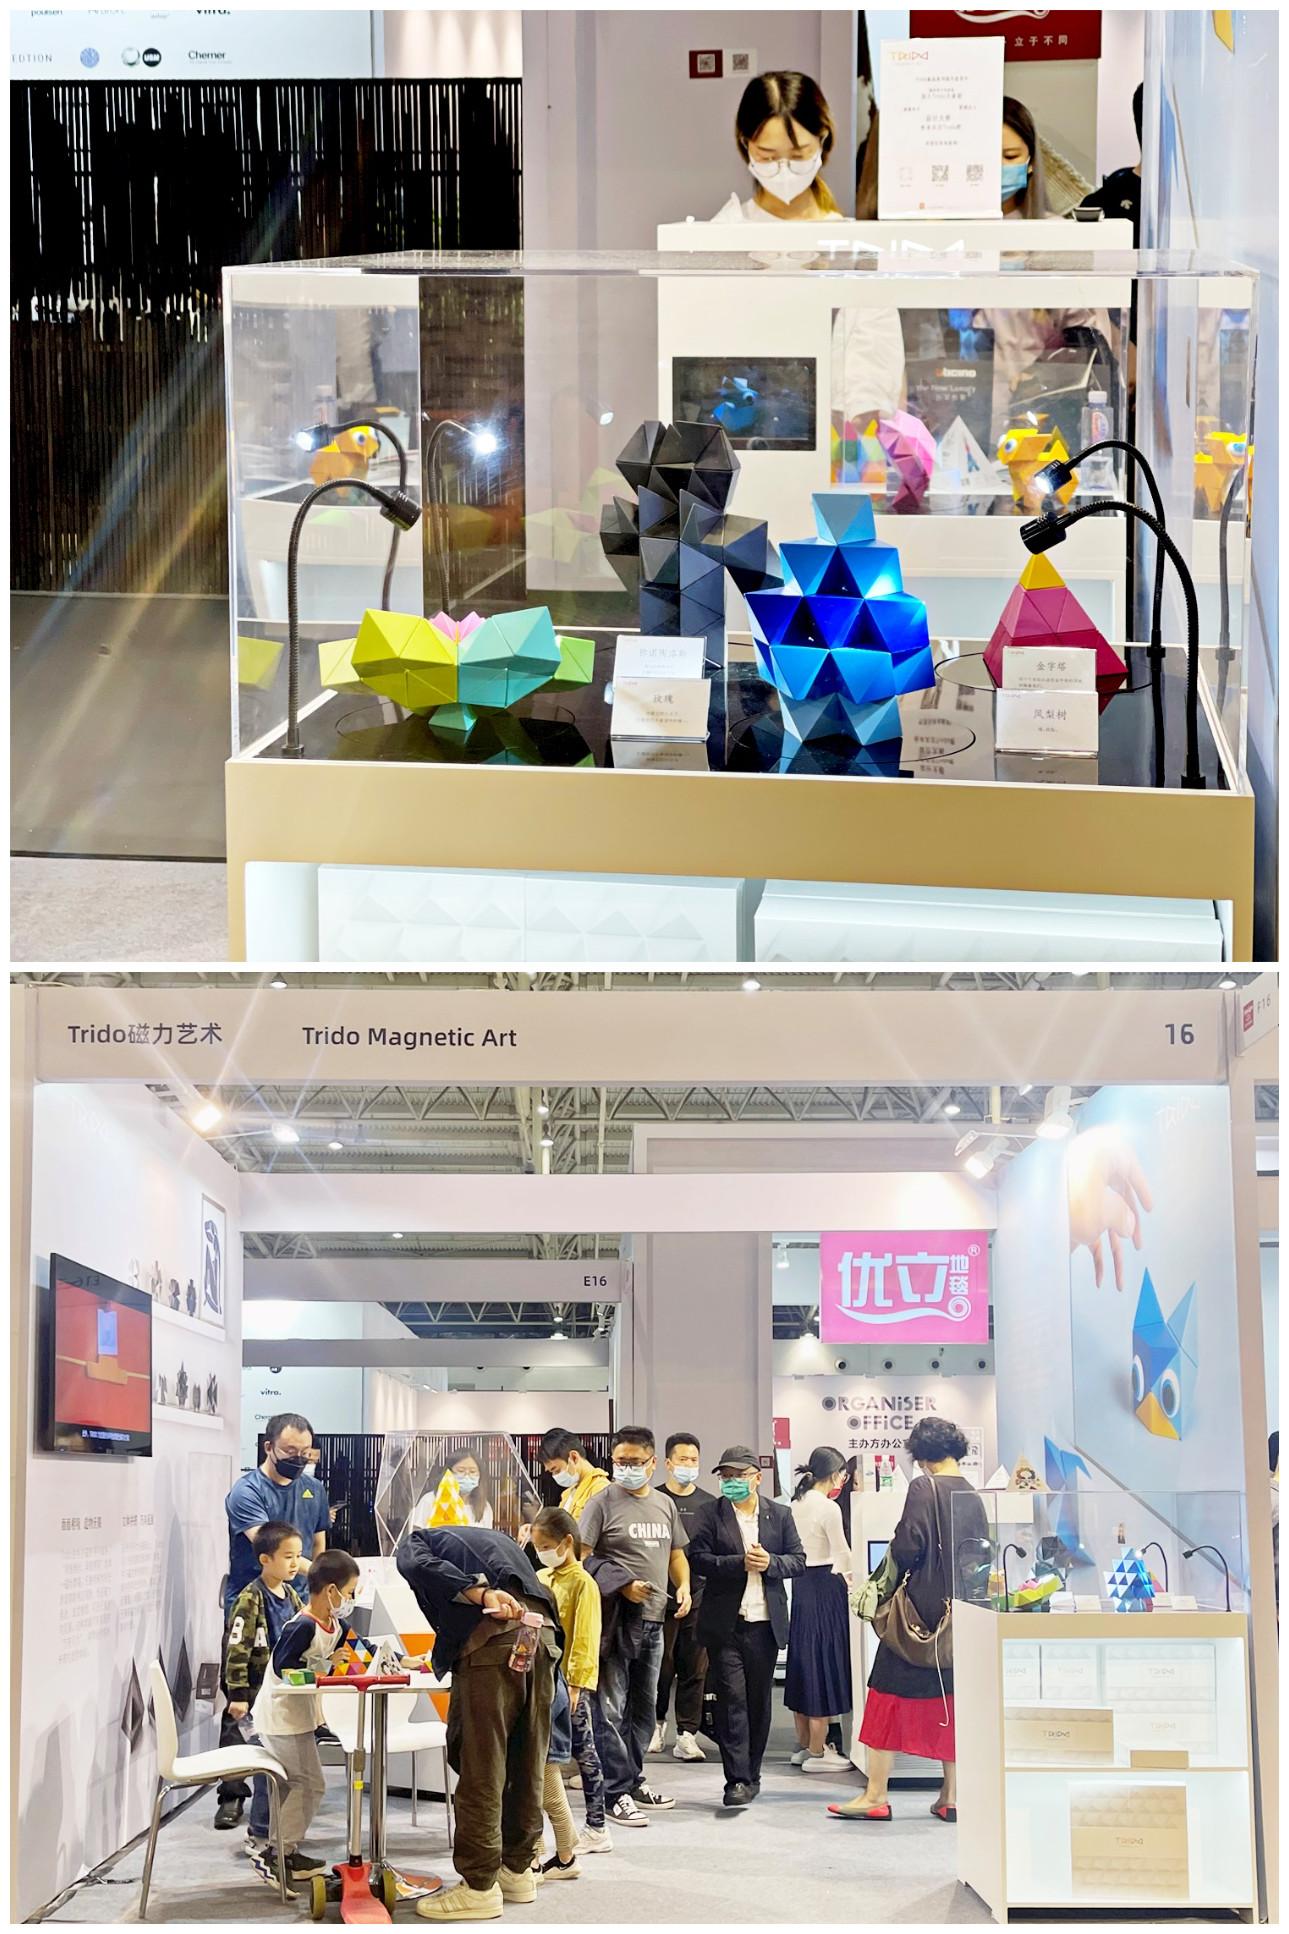 Trido 磁力艺术积木首次亮相设计中国北京展览会